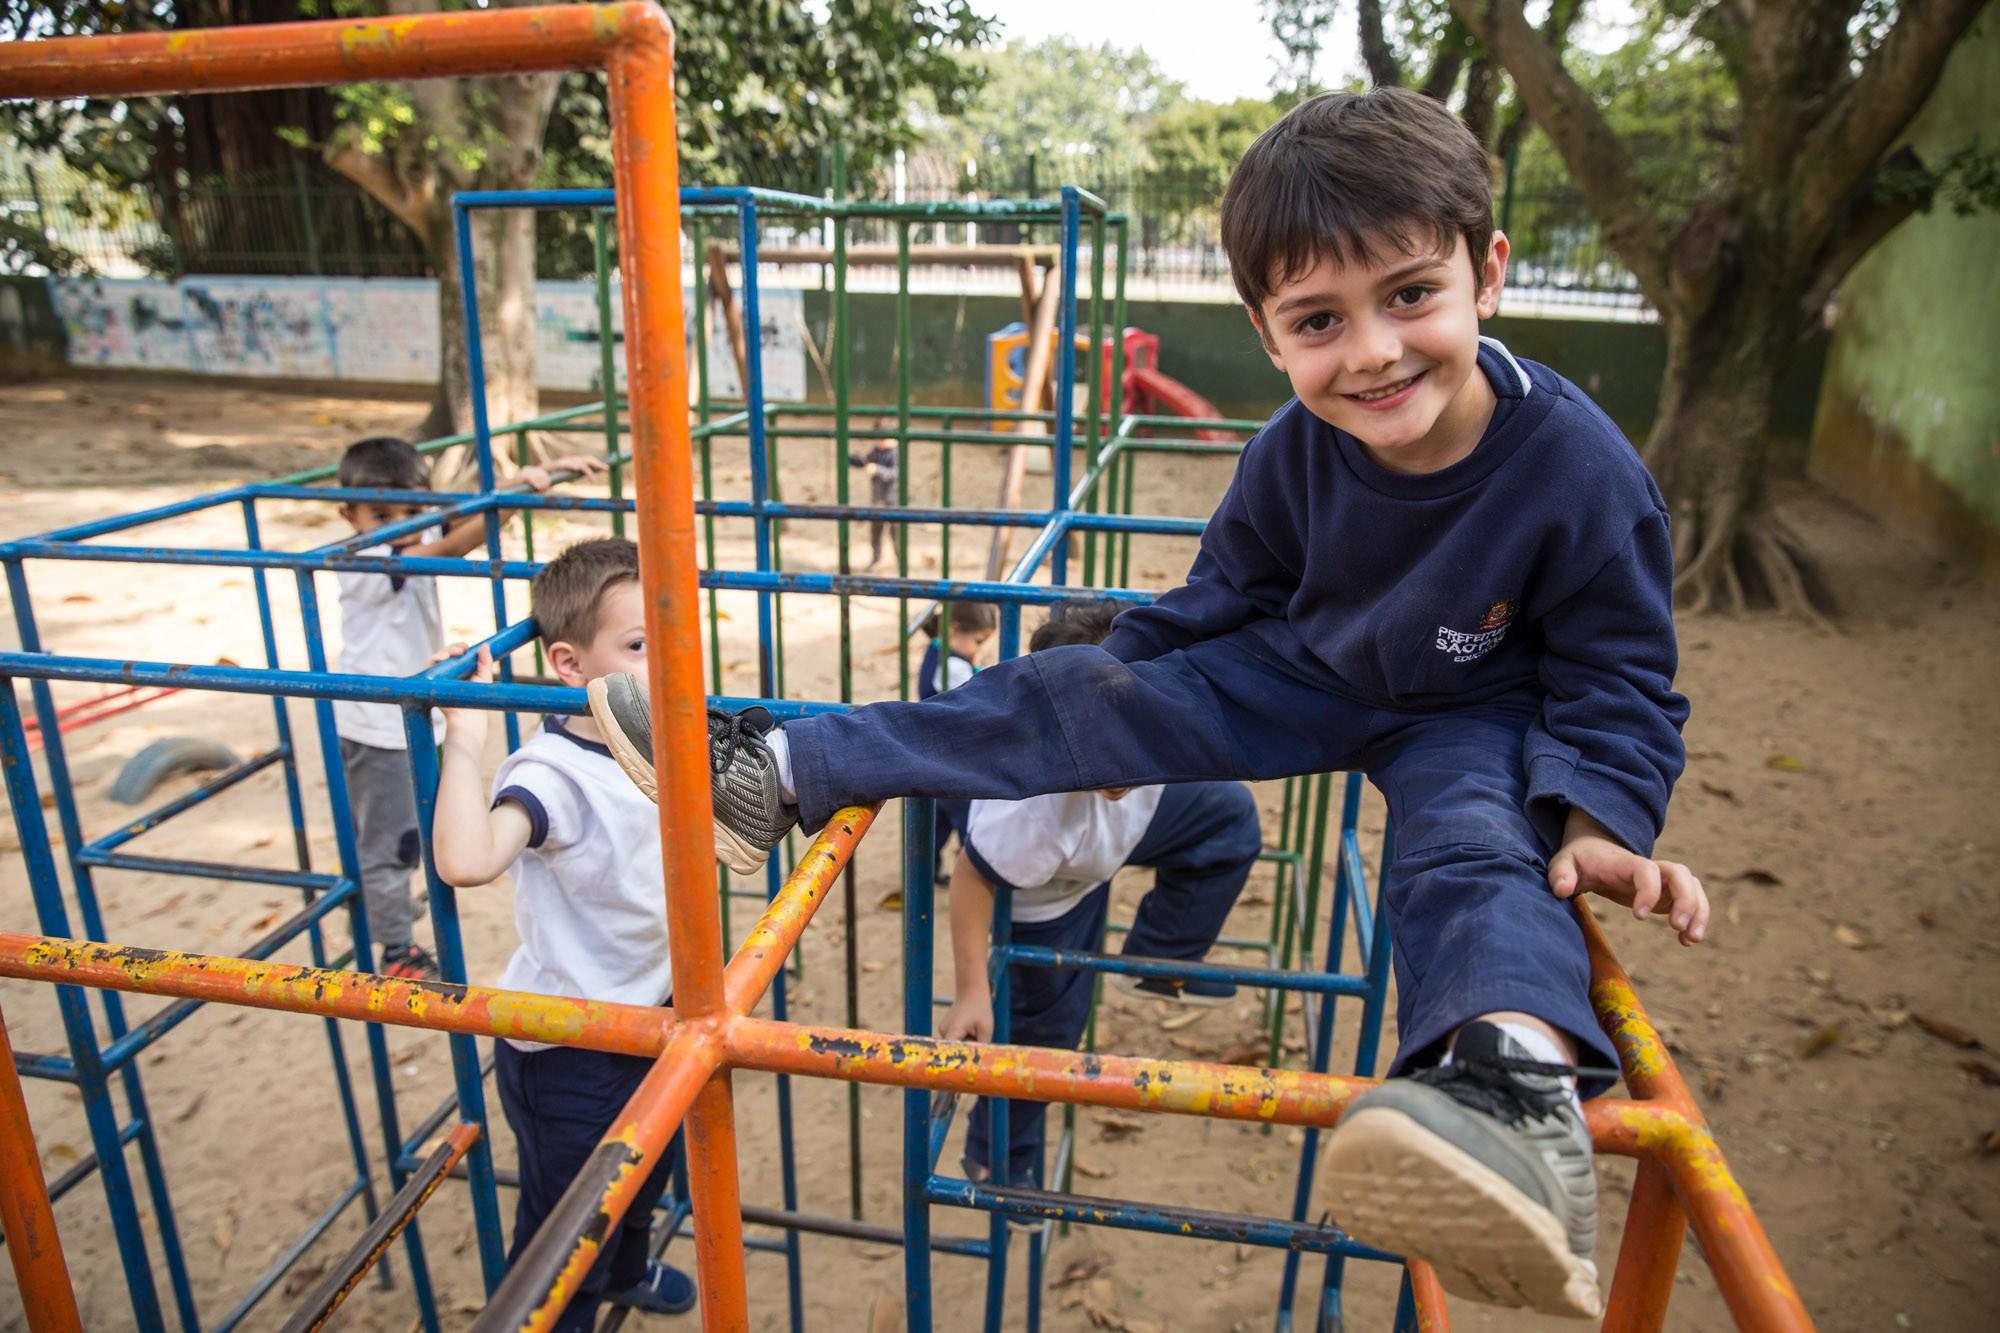 Maioria das pré-escolas públicas não tem parquinho, área verde e pátio coberto